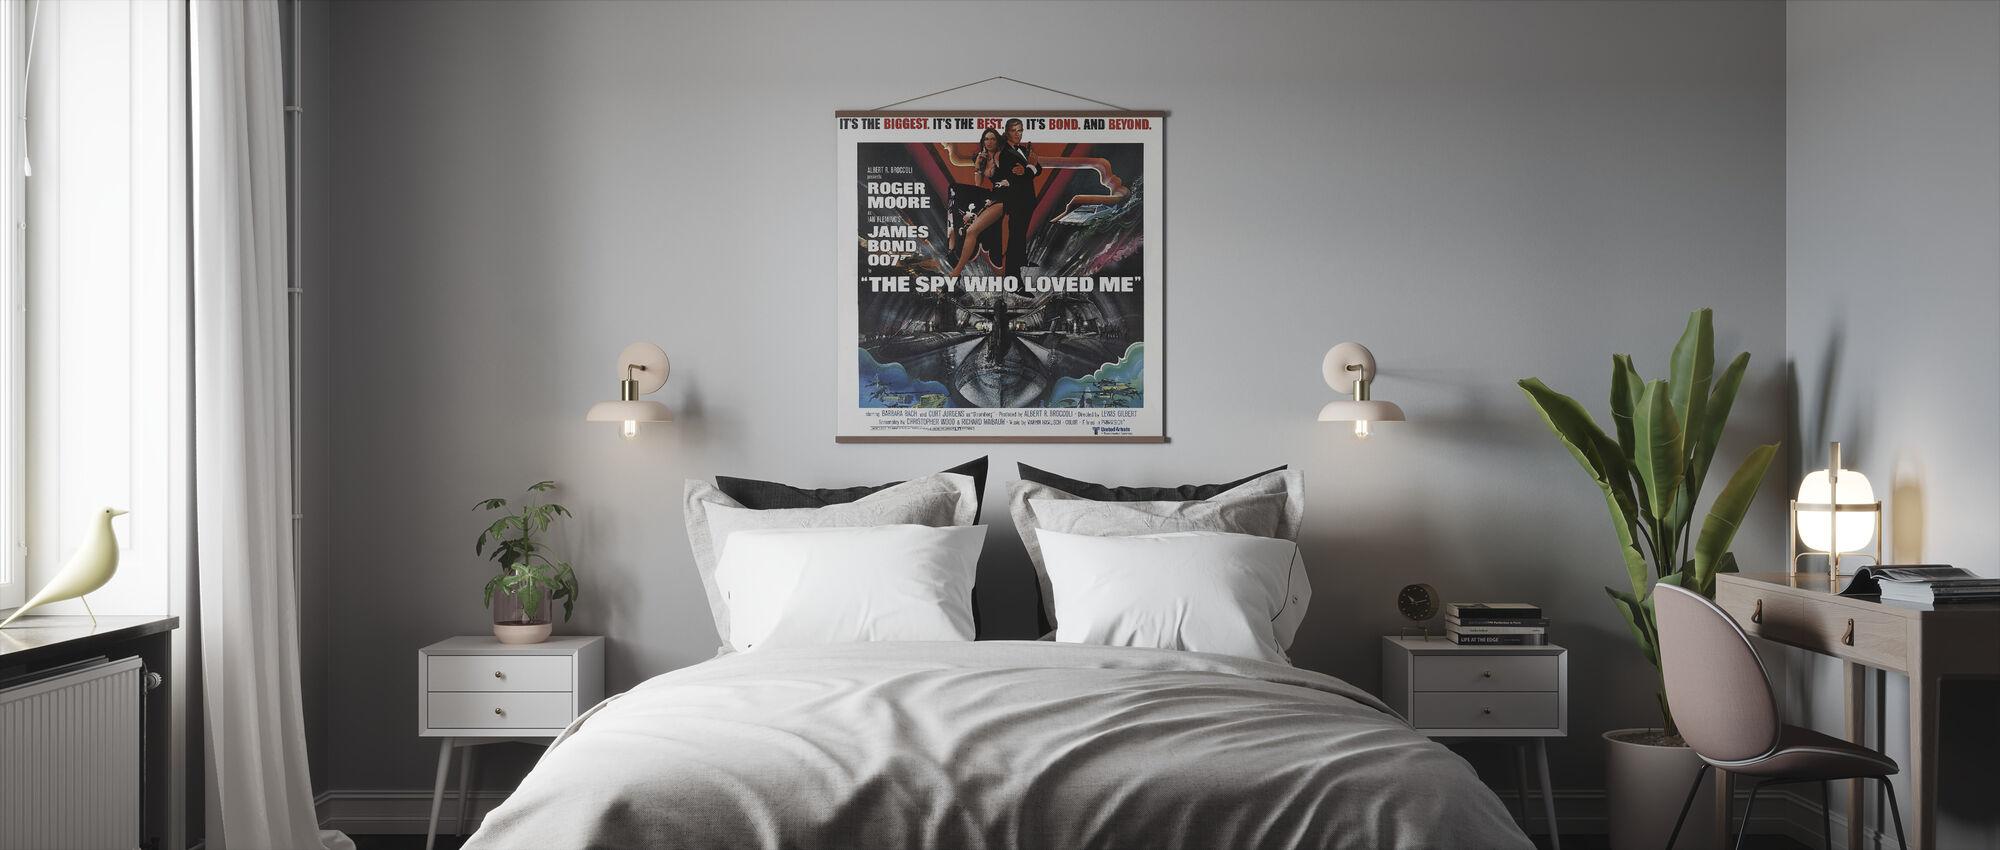 James Bond Spy Who Loved Me - Poster - Bedroom